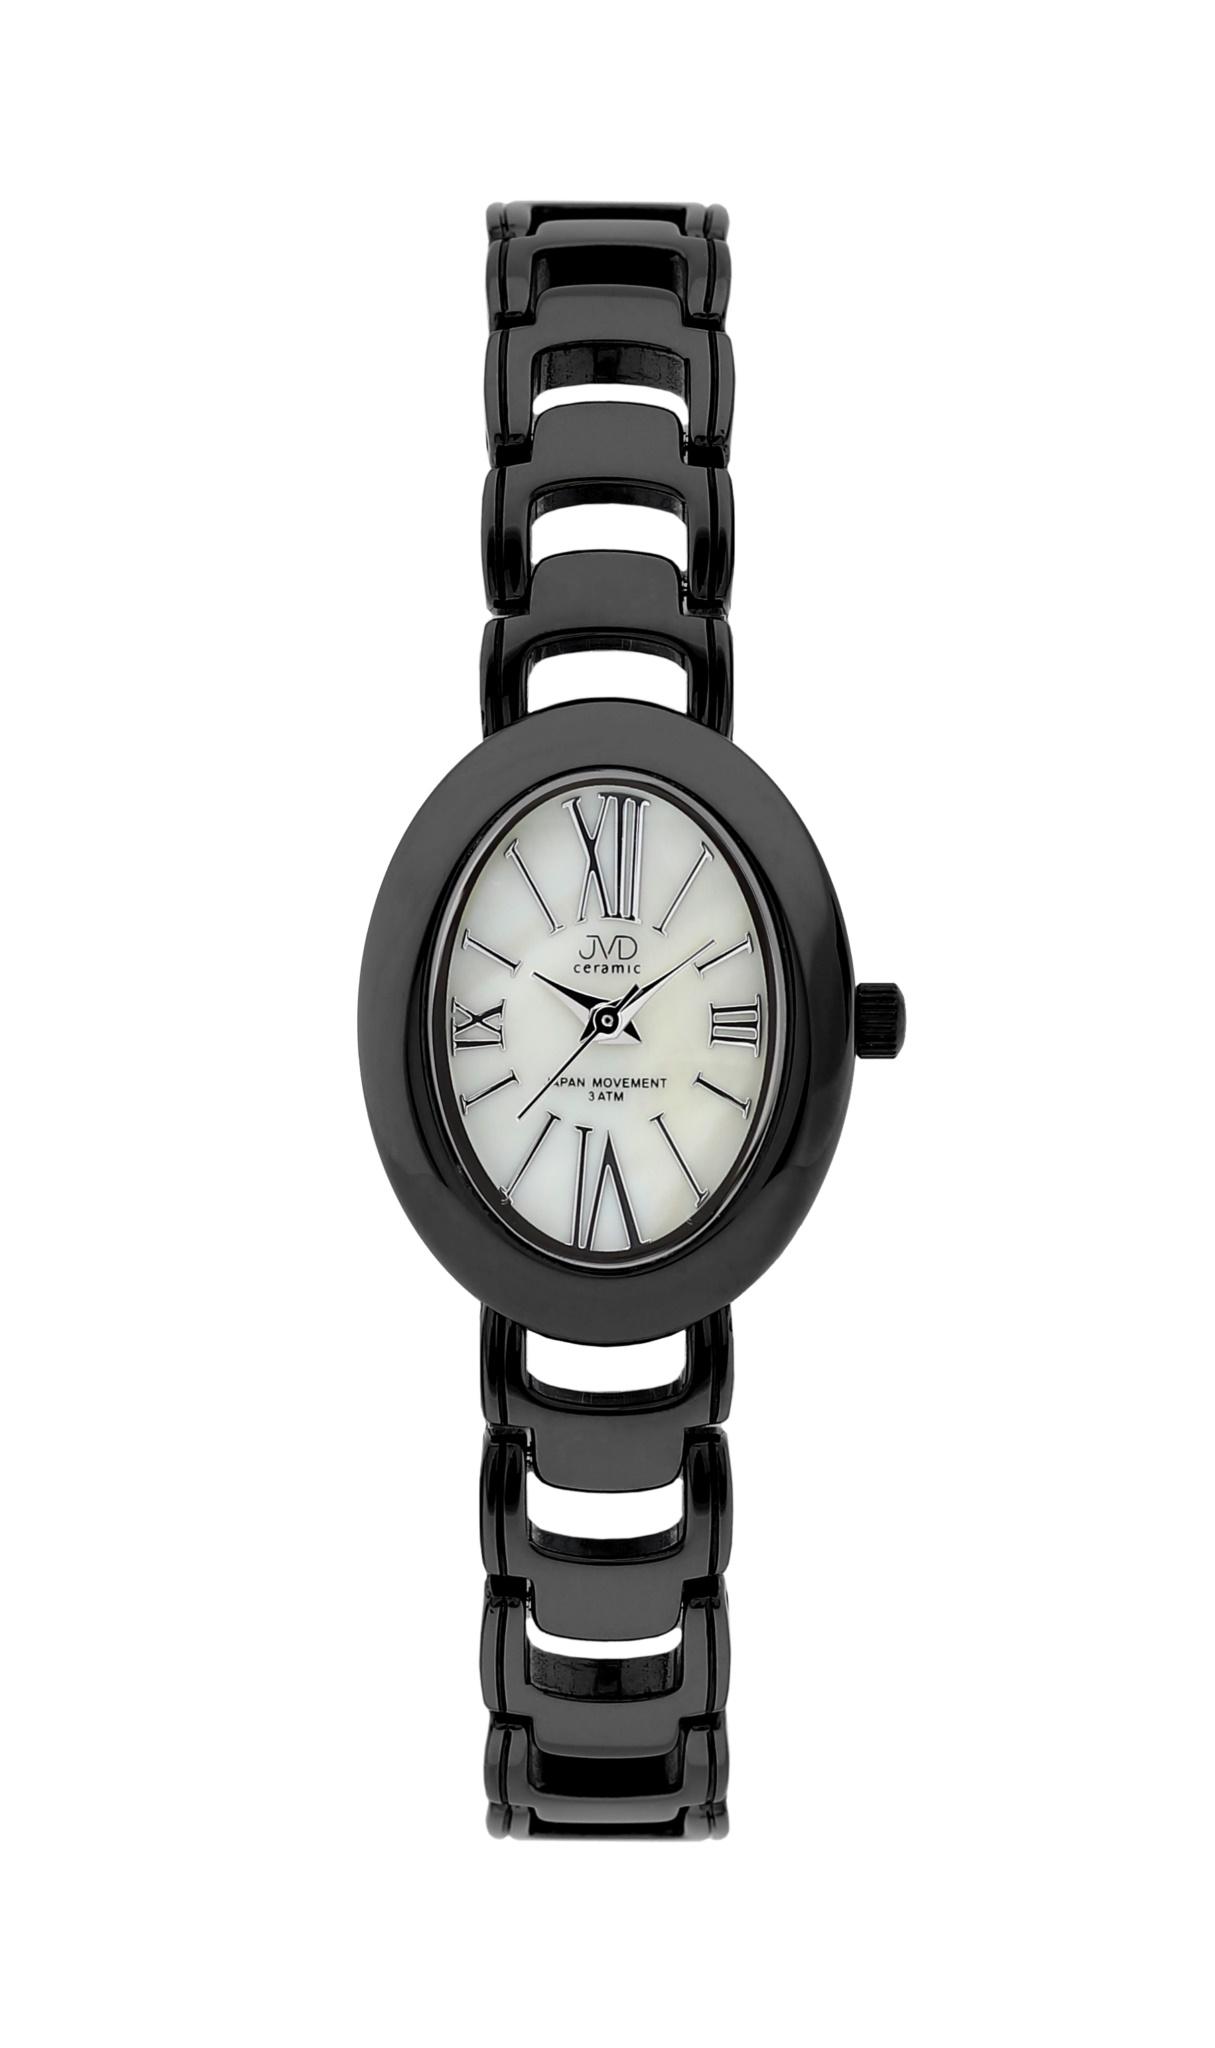 Luxusní keramické dámské náramkové hodinky JVD ceramic J6010.2